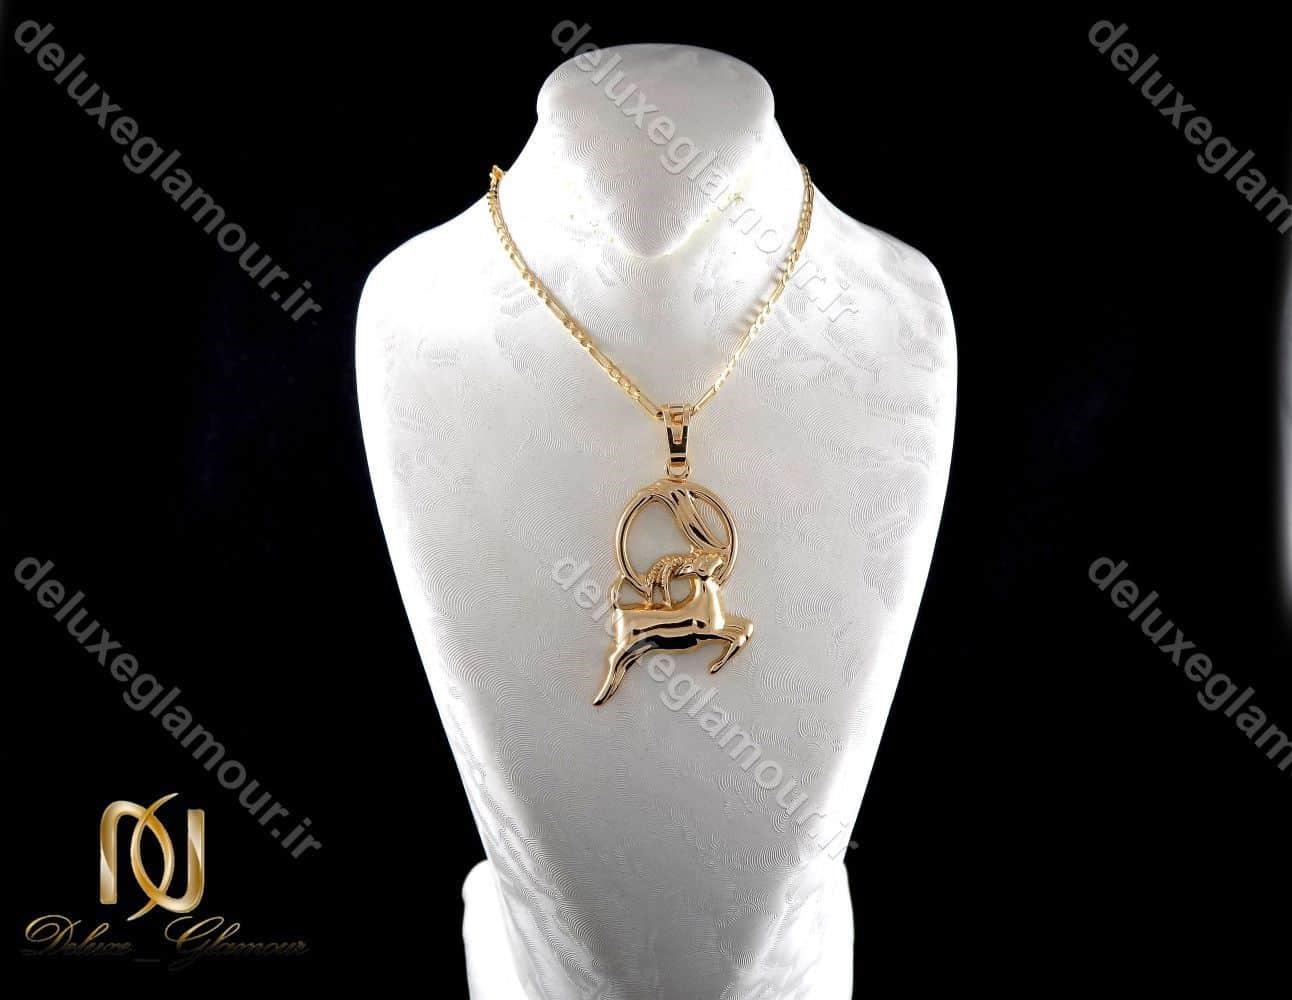 گردنبند دخترانه ژوپینگ ماه تولد دی ماه با نماد بز nw-n197 از نمای روبرو